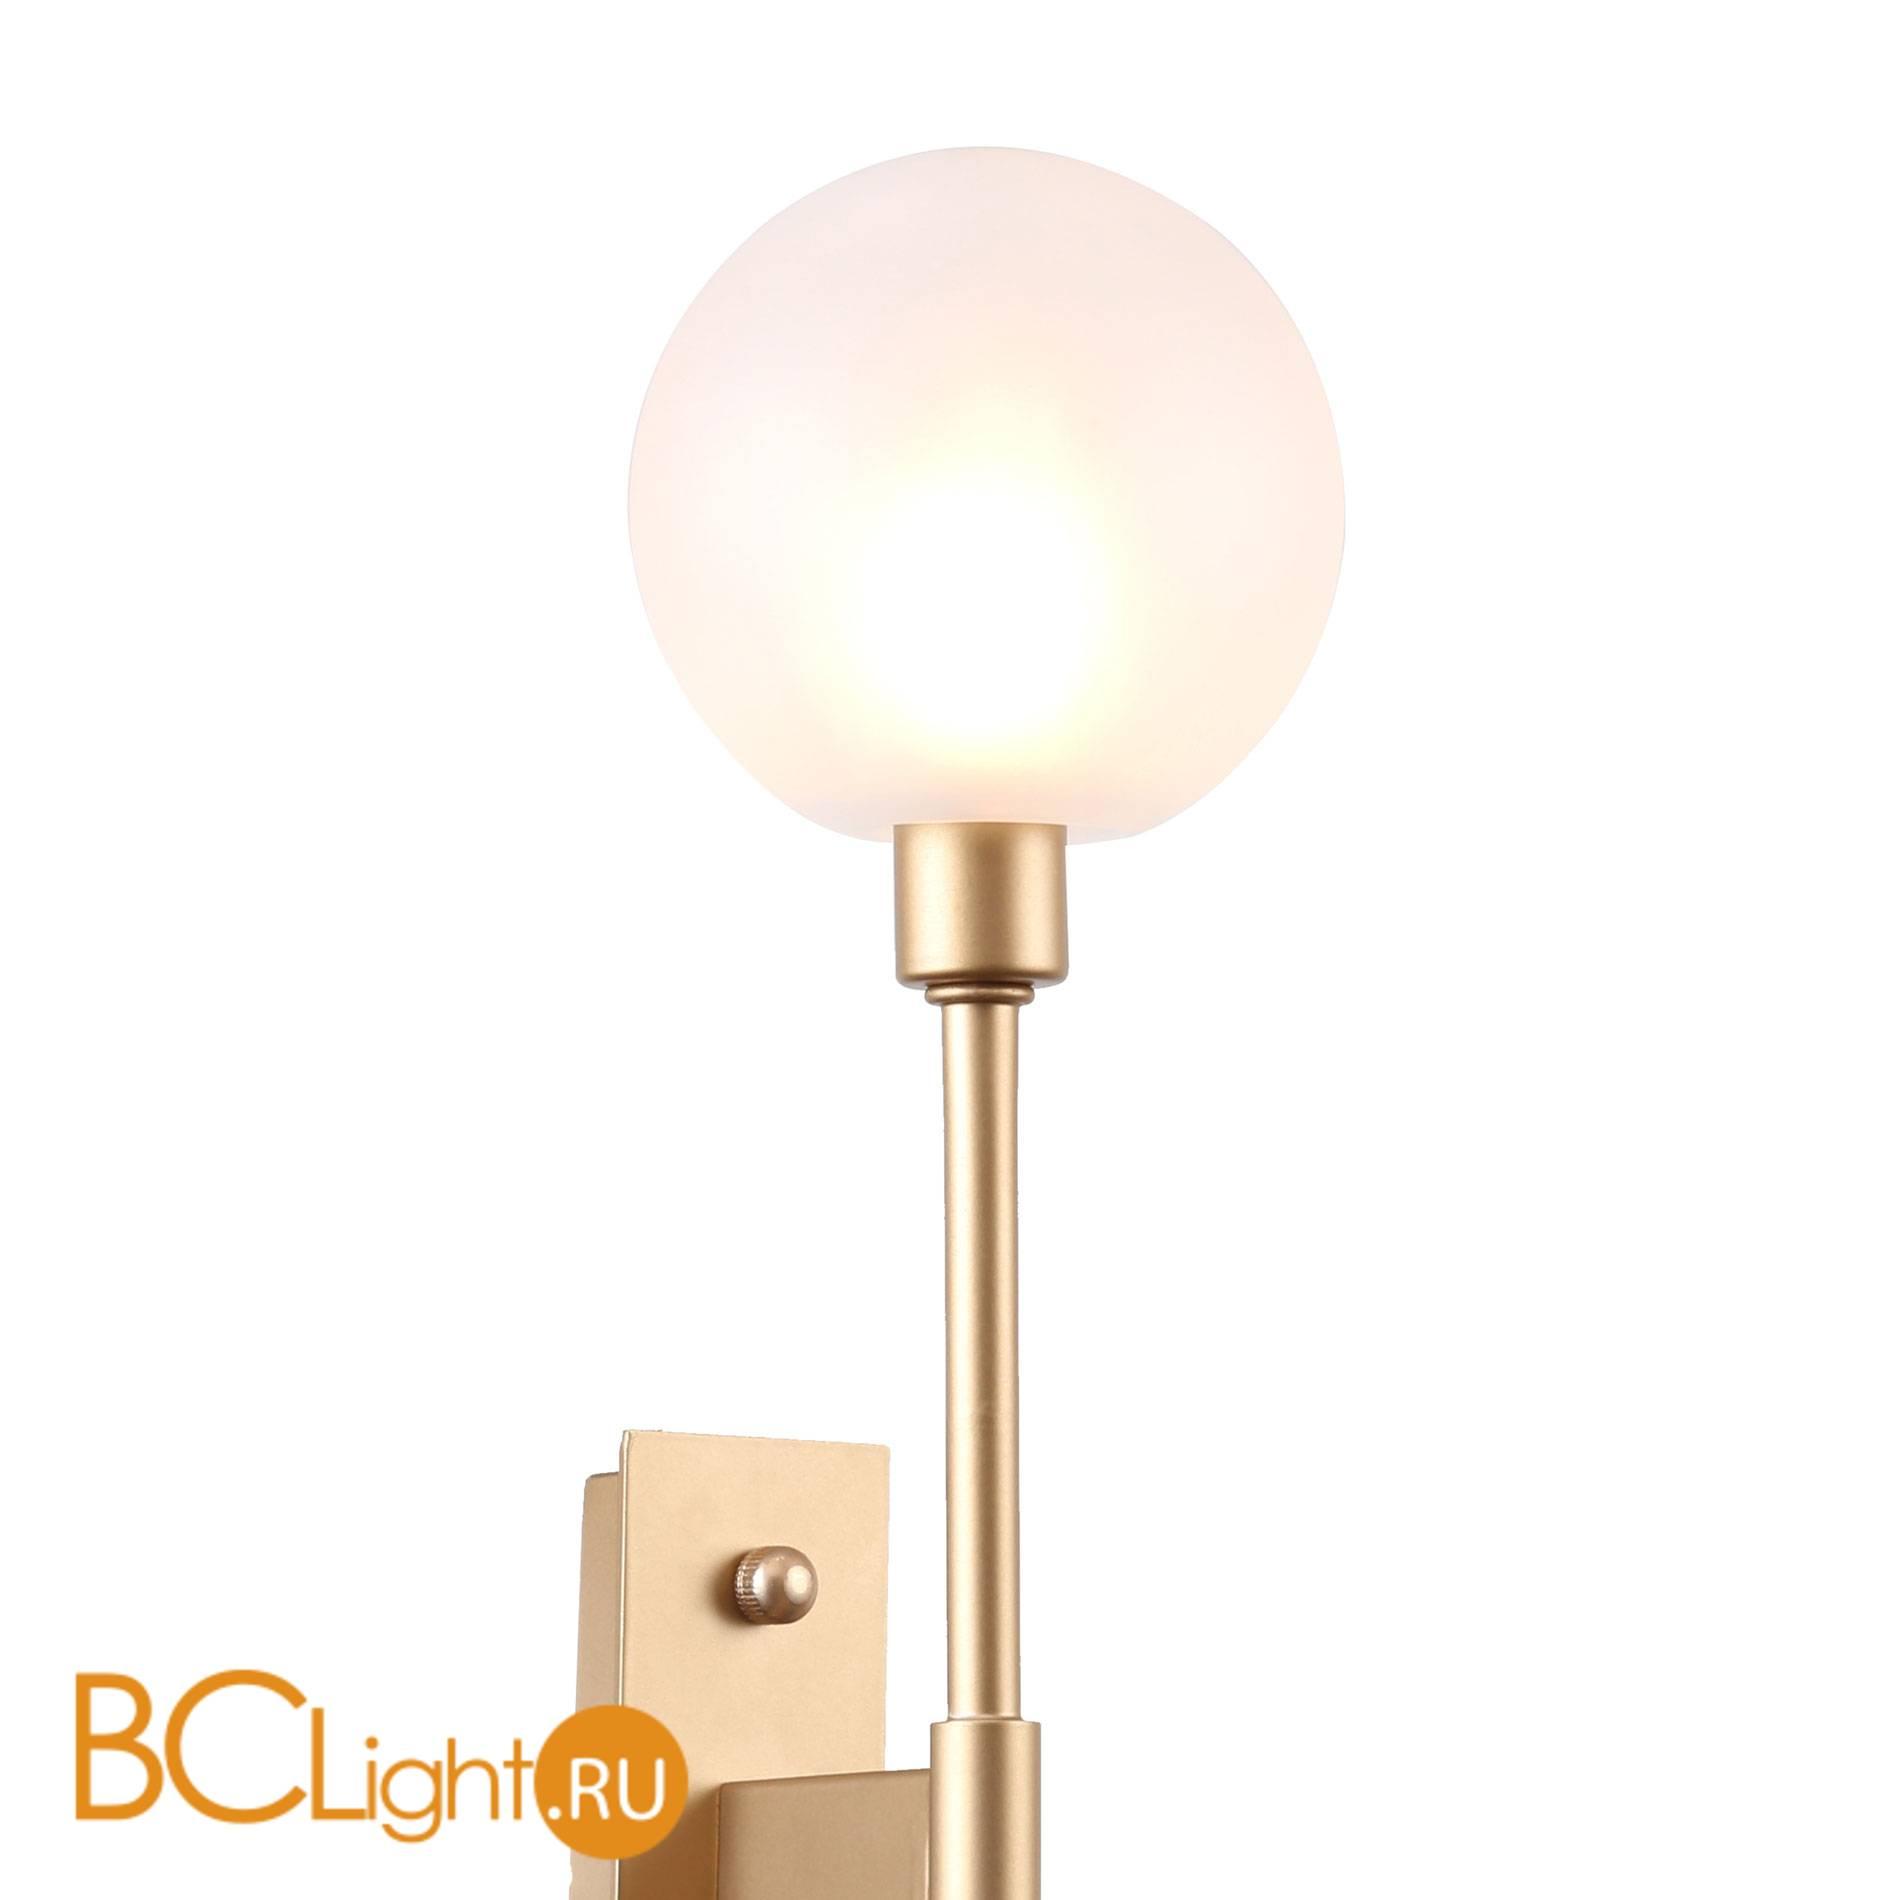 Коляска-трость Babyton Light – купить в Москве, цена 1 500 руб ... | 1900x1900